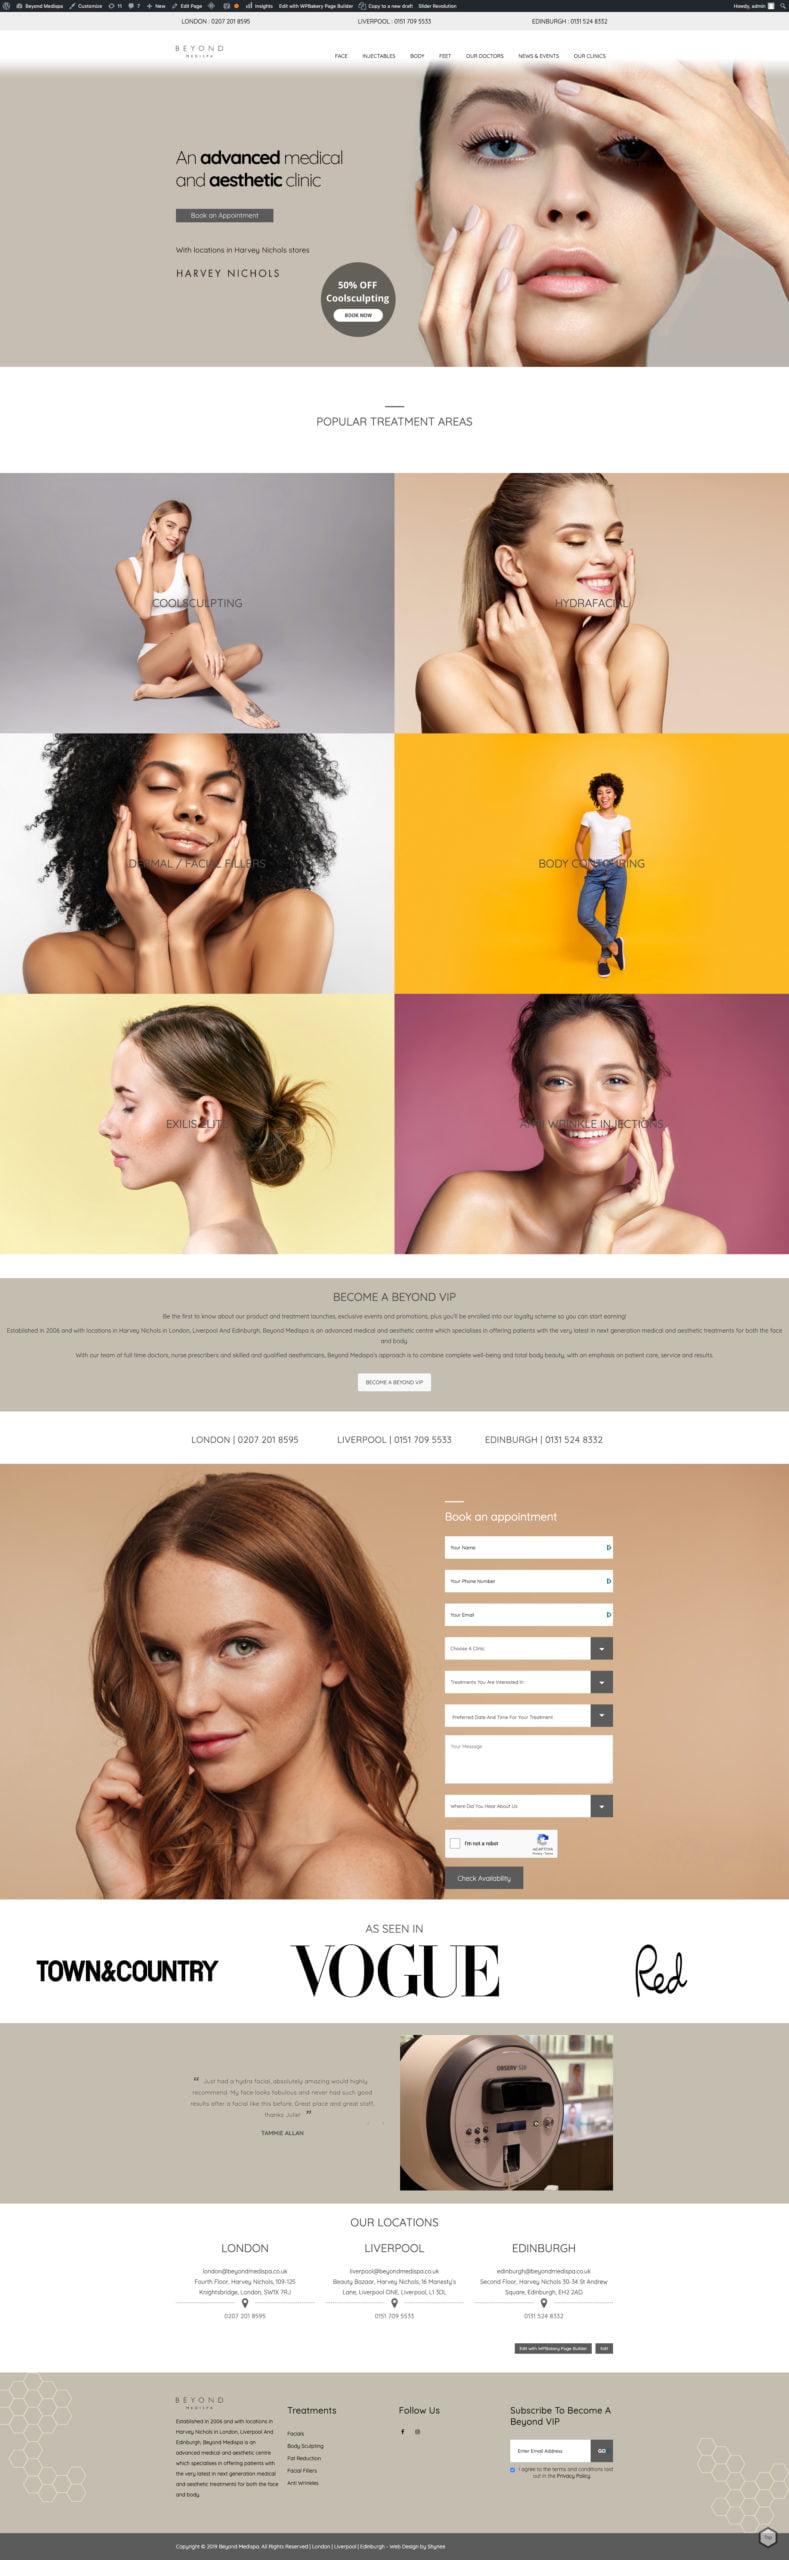 Beyond MediSpa | Portfolio | Shynee Web Design